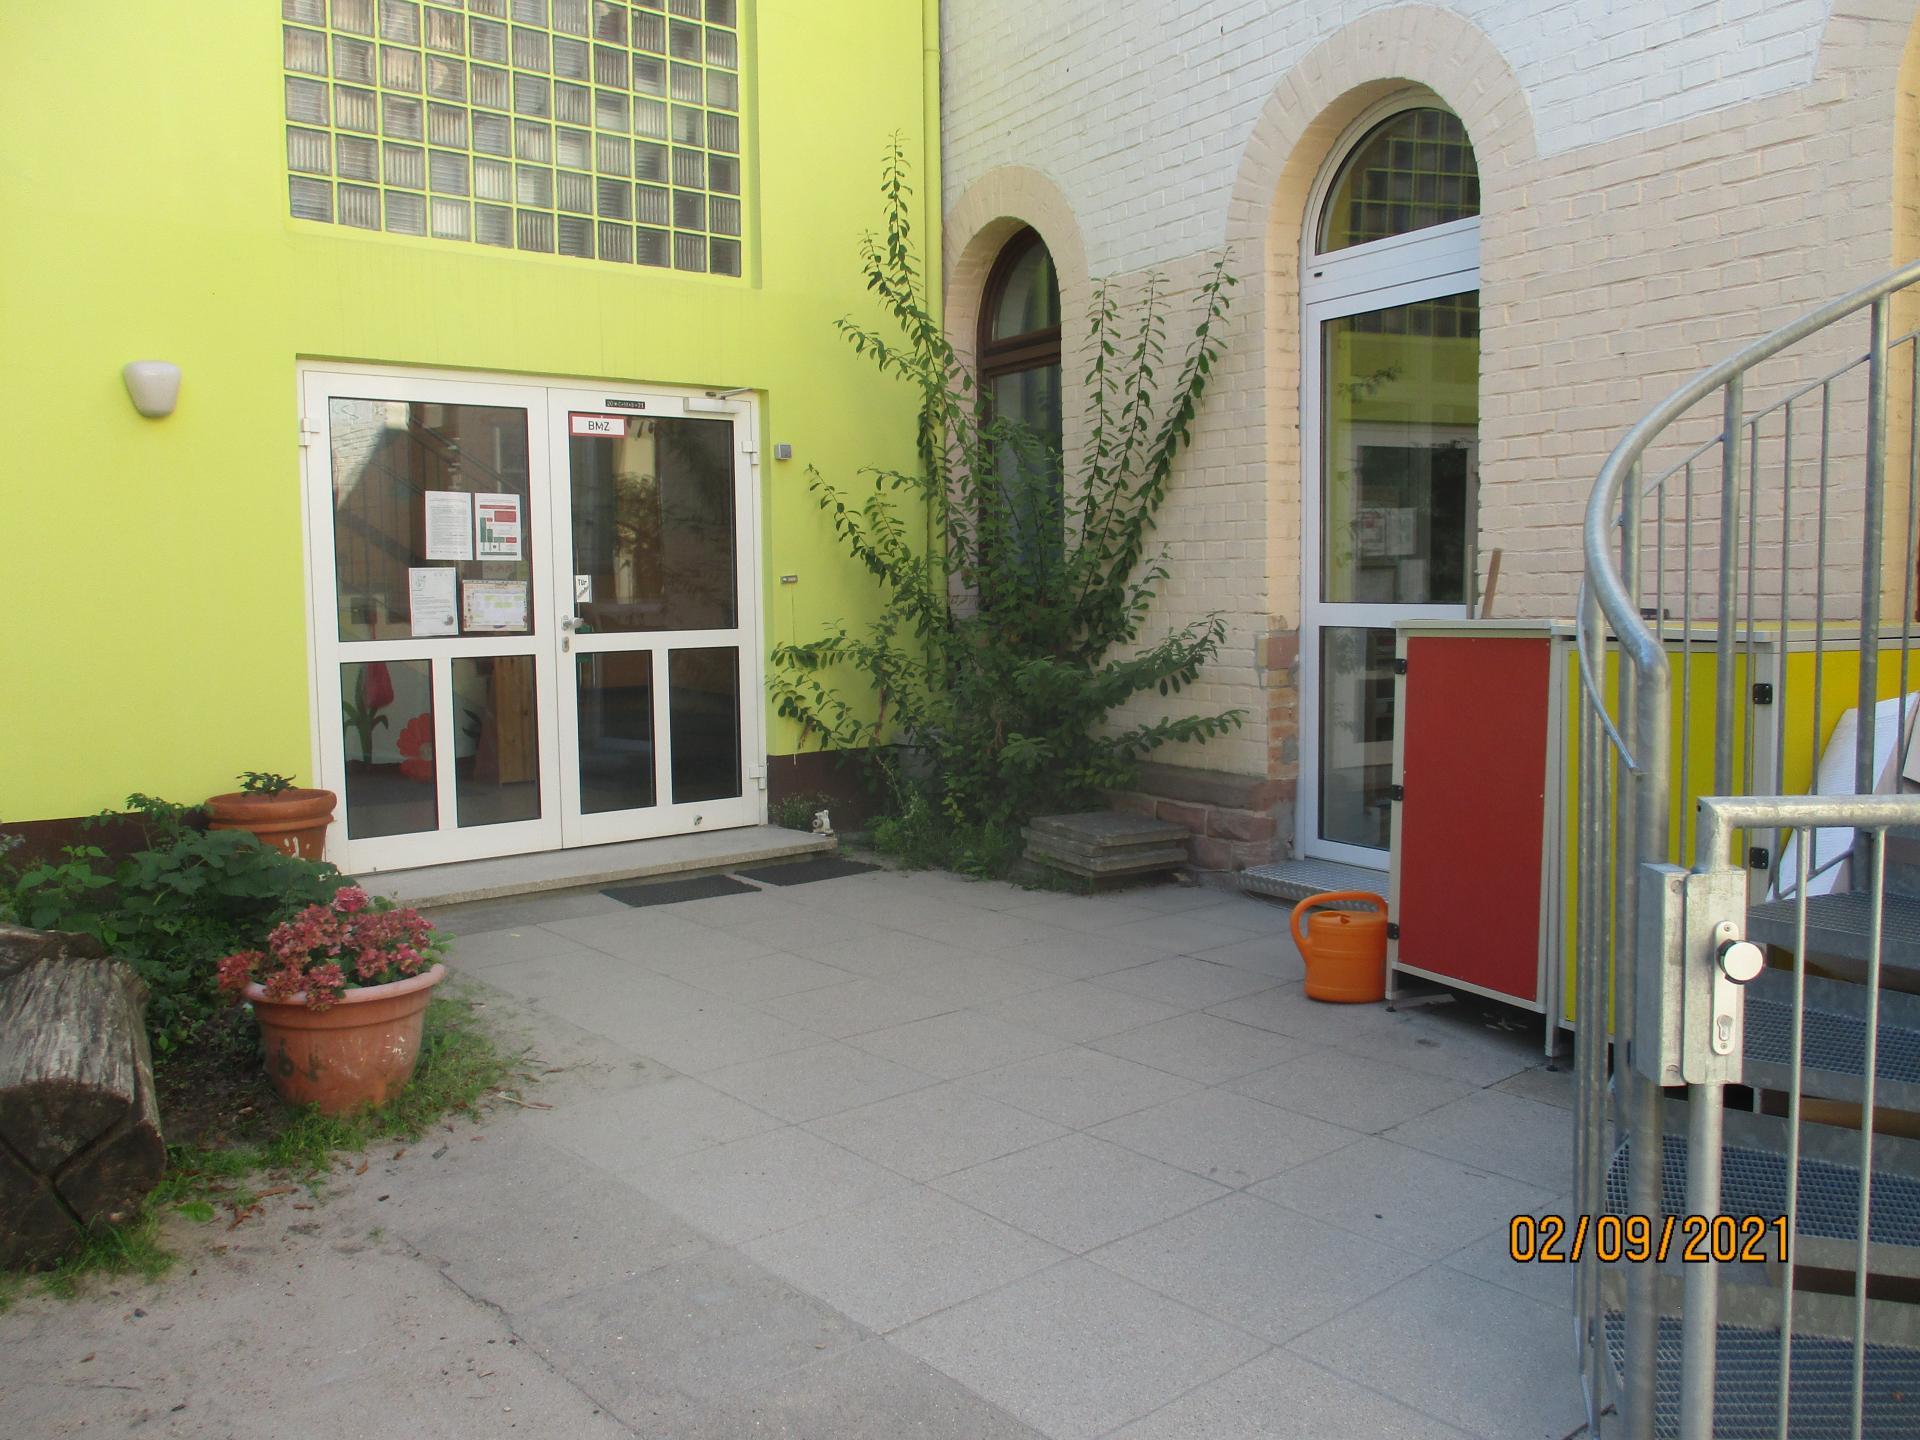 KiTa Eingang